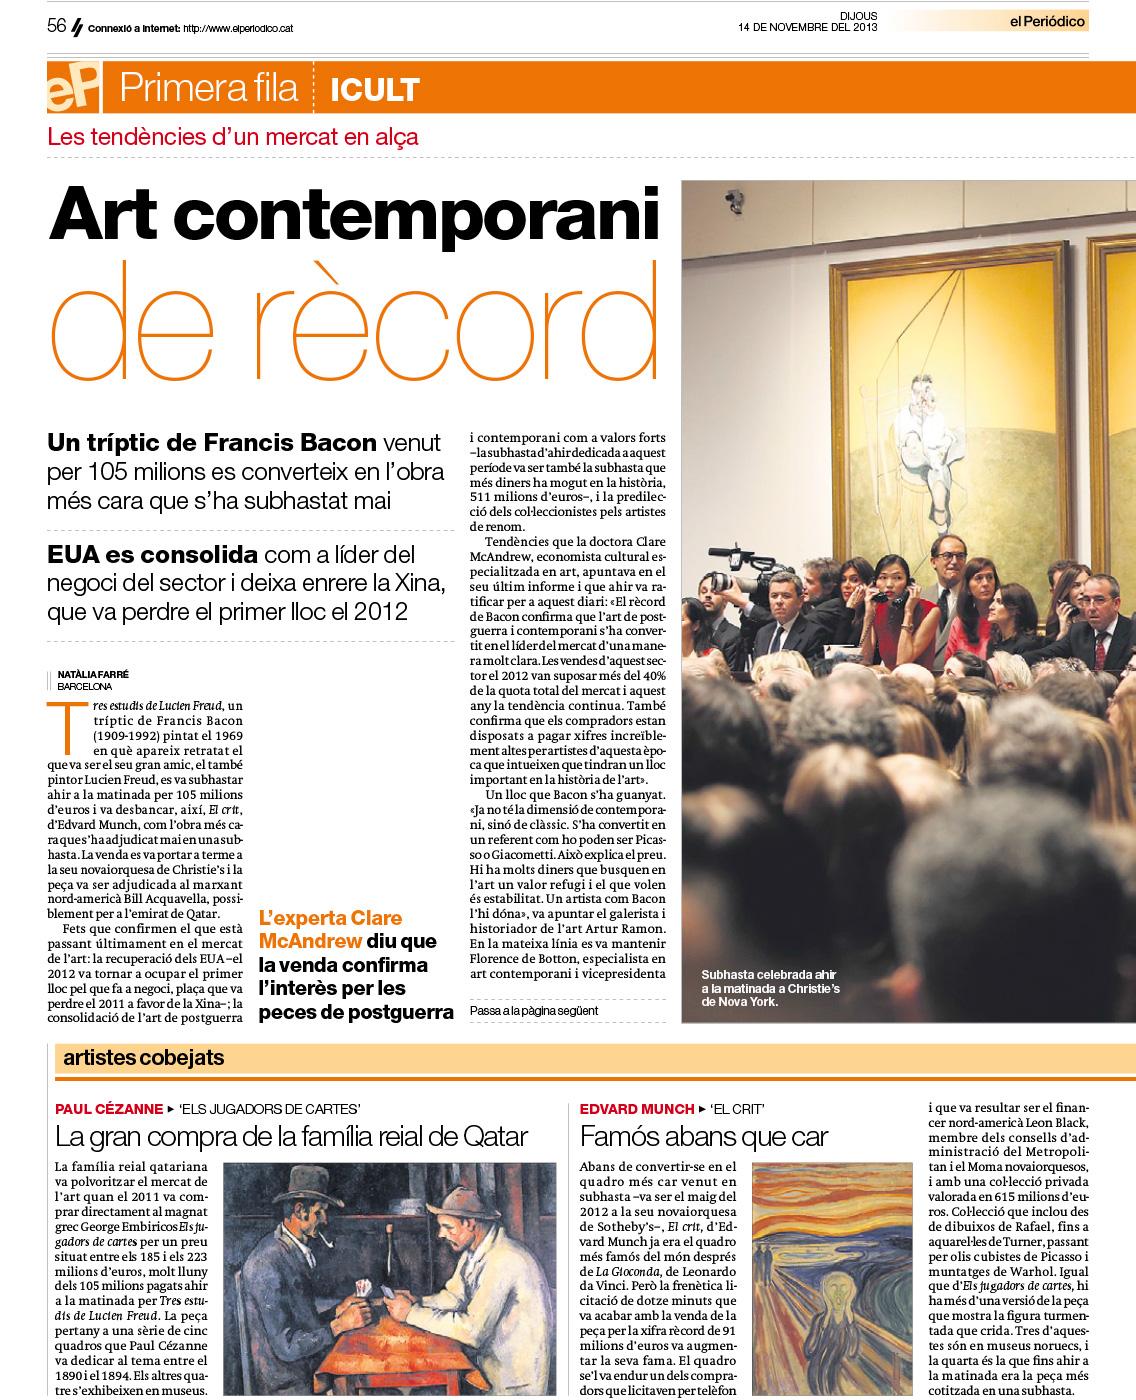 Art contemporani de rècord (El Periódico)